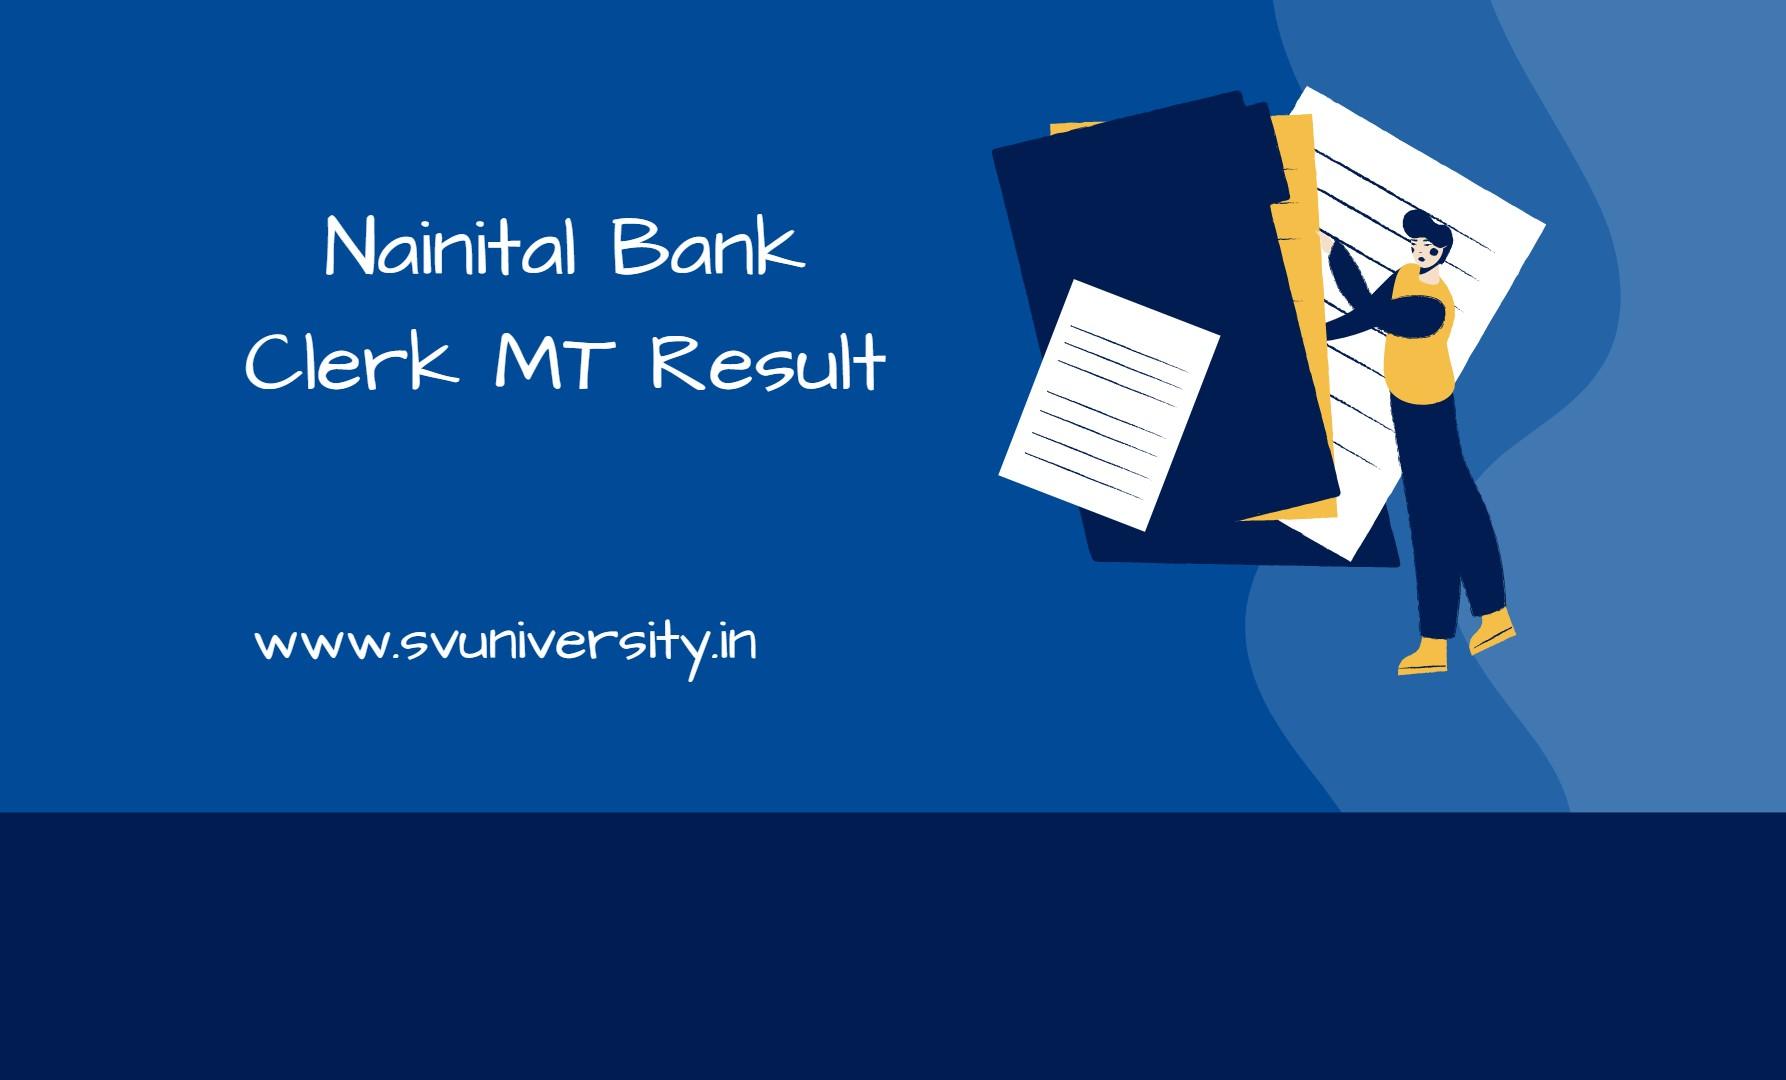 Nainital Bank Clerk MT Results